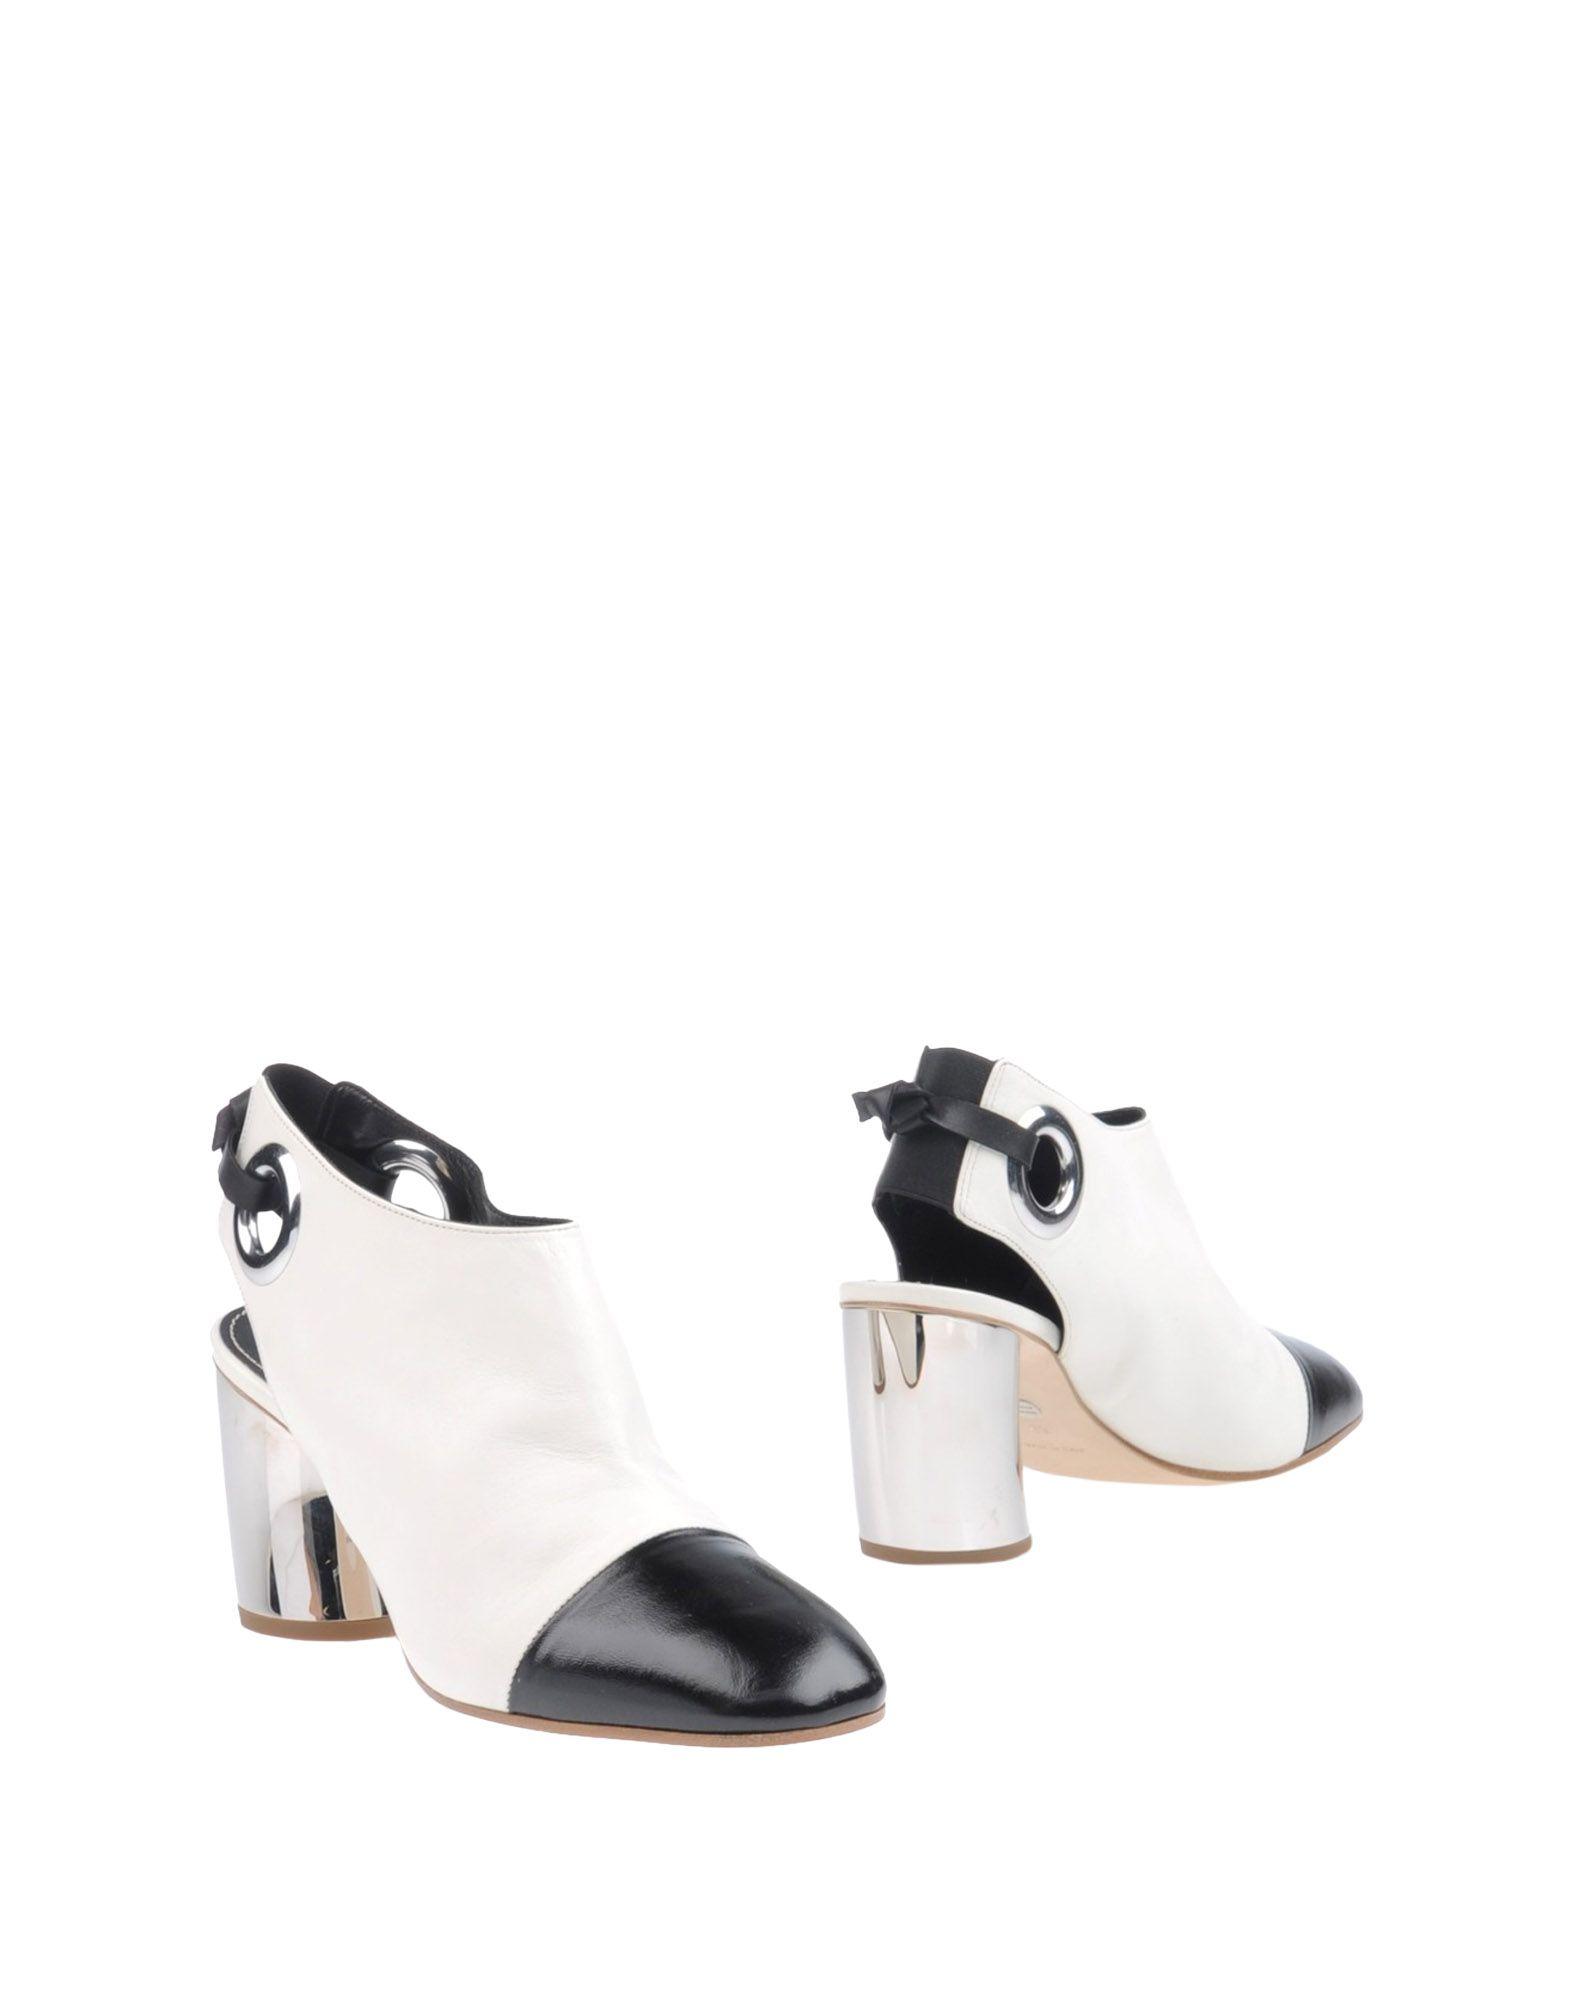 Rabatt Schuhe Proenza Schouler Stiefelette Damen  11228547PW